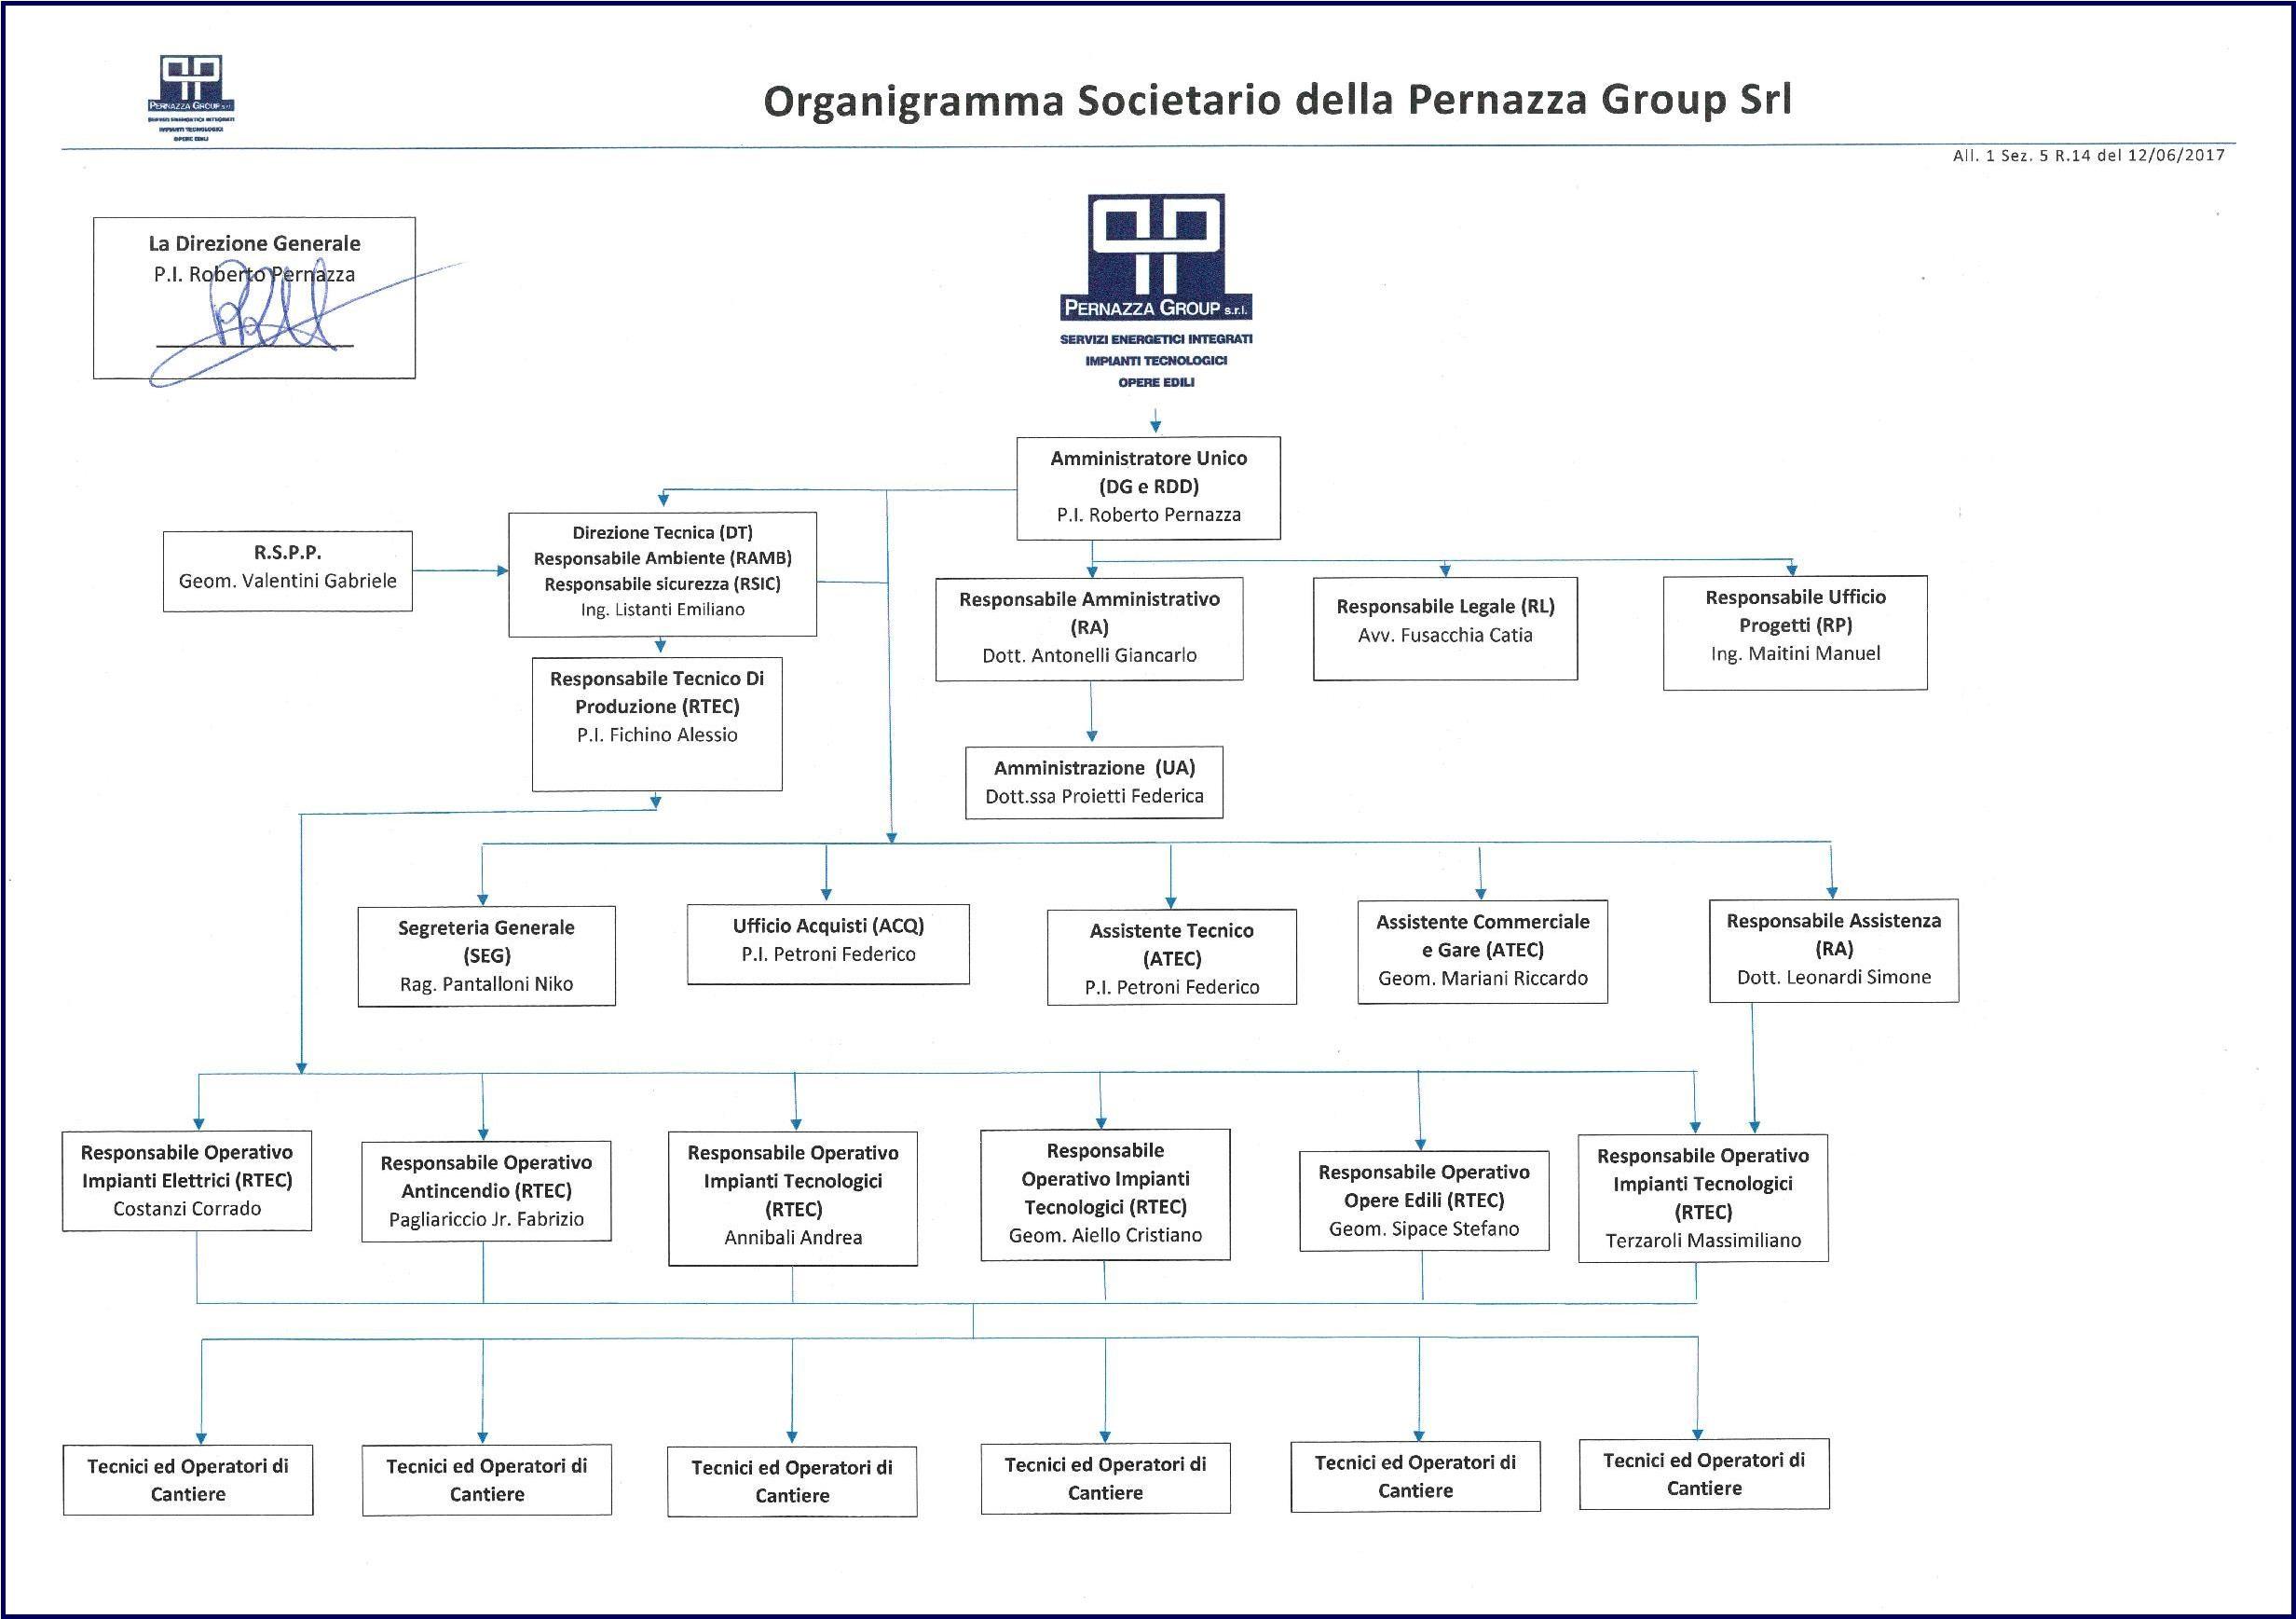 Organico Pernazza Group - Impiantistica, Ristrutturazioni - Narni/Terni (Umbria)